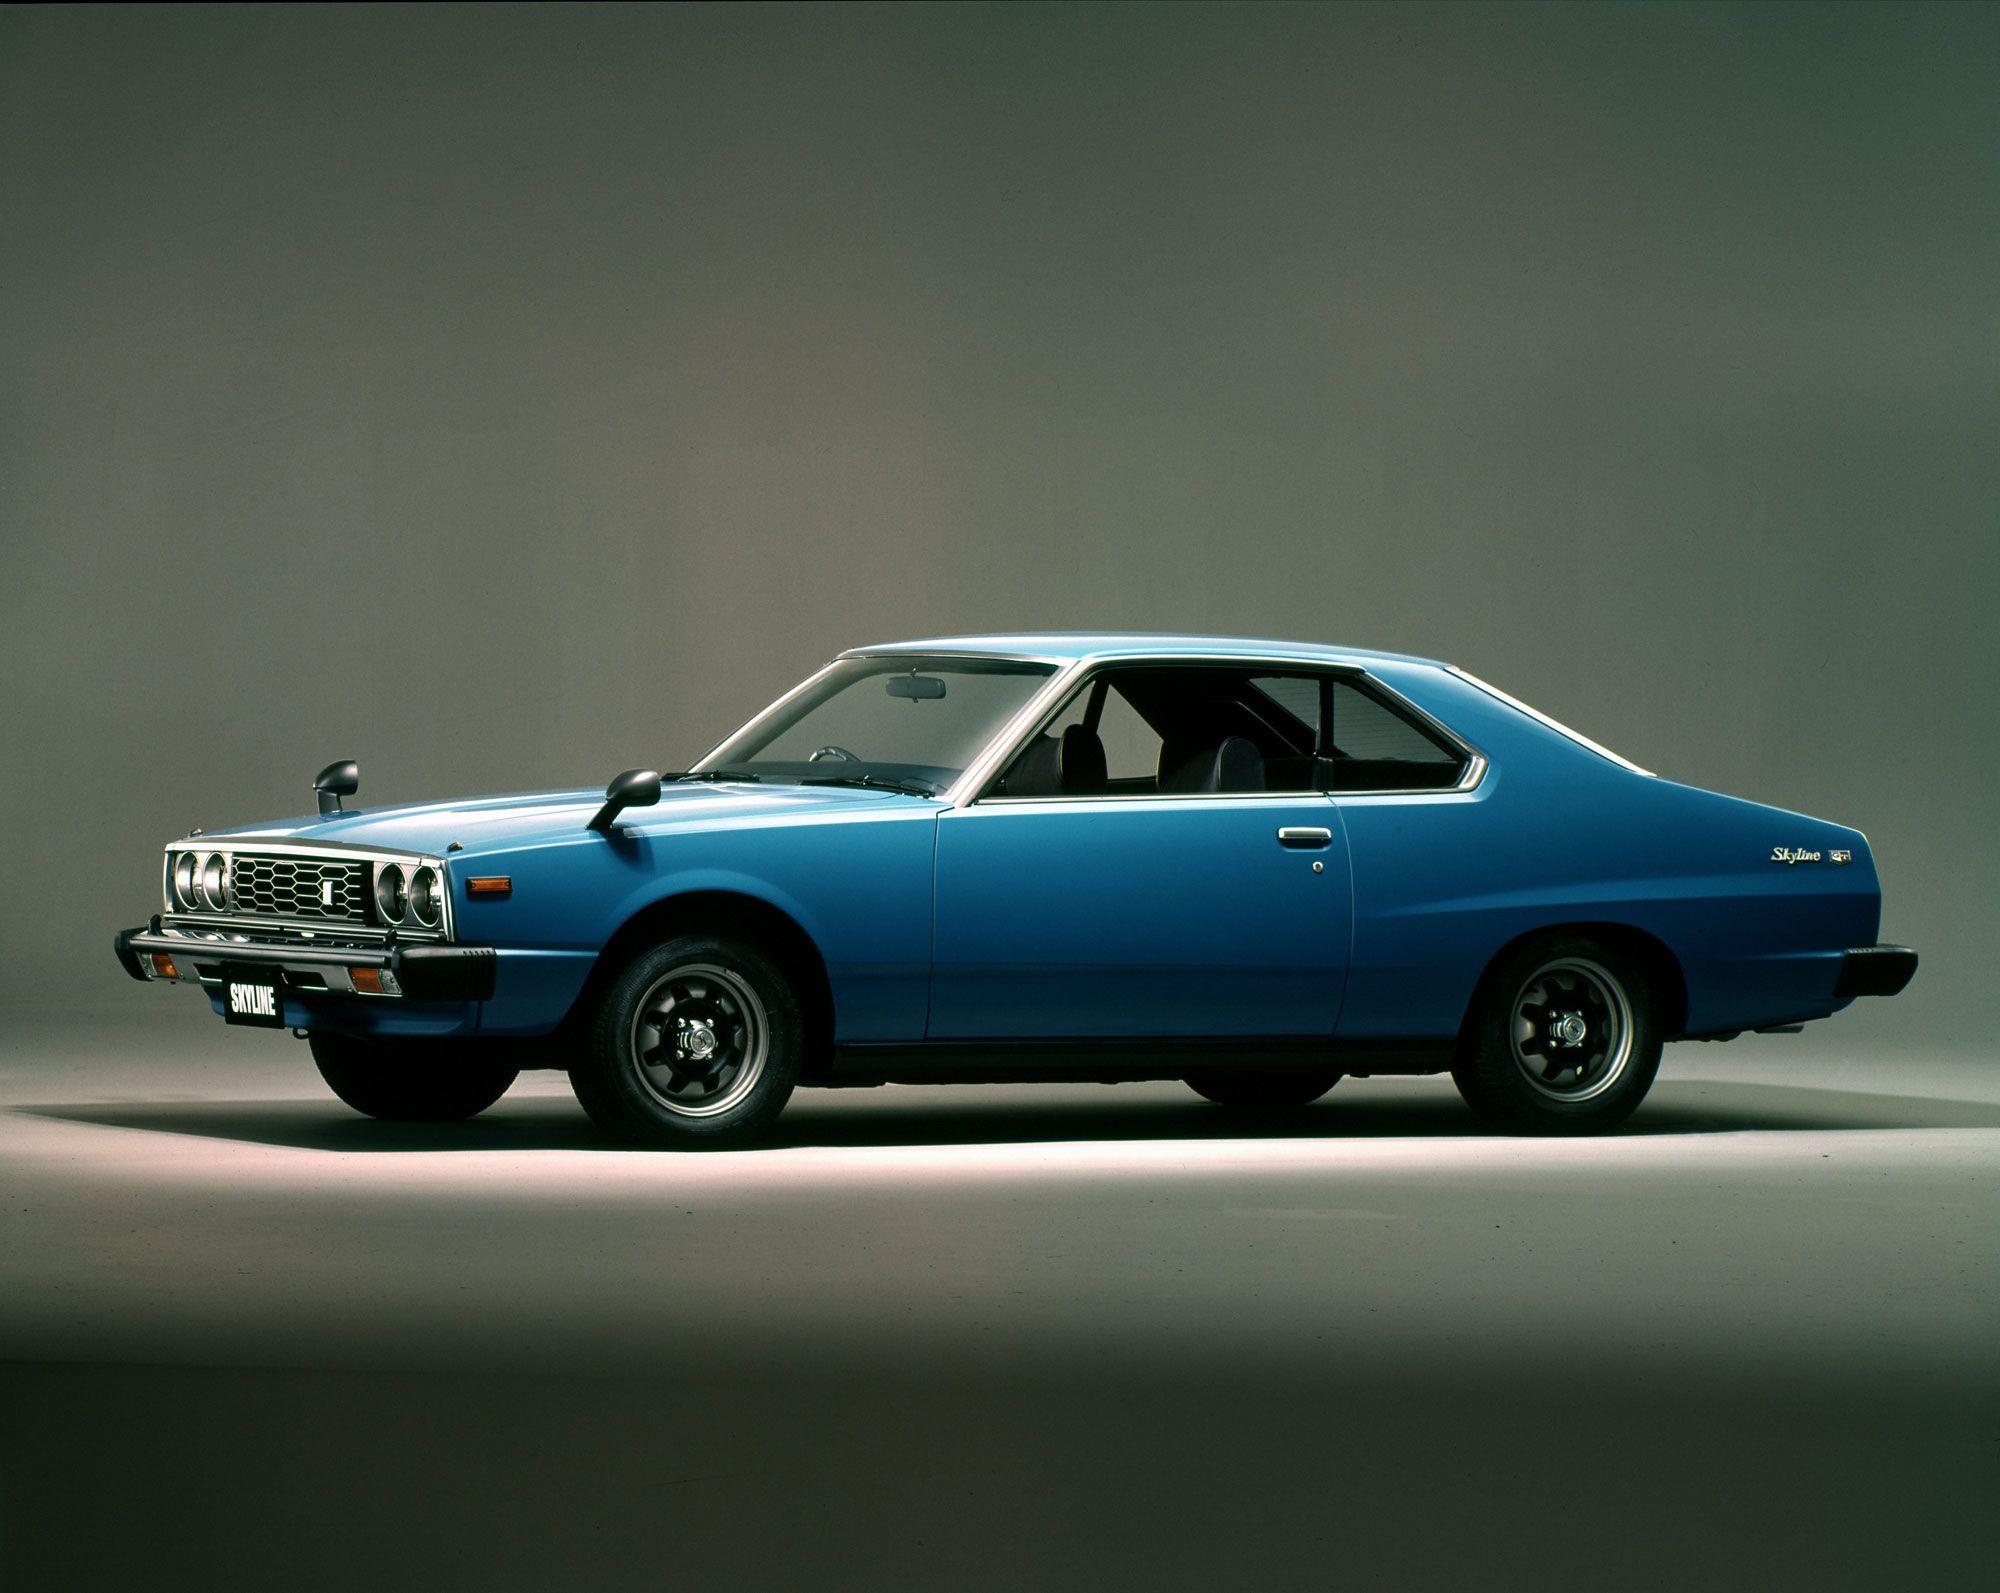 Nissan skyline gt e nissan pinterest nissan skyline gt e vanachro Choice Image